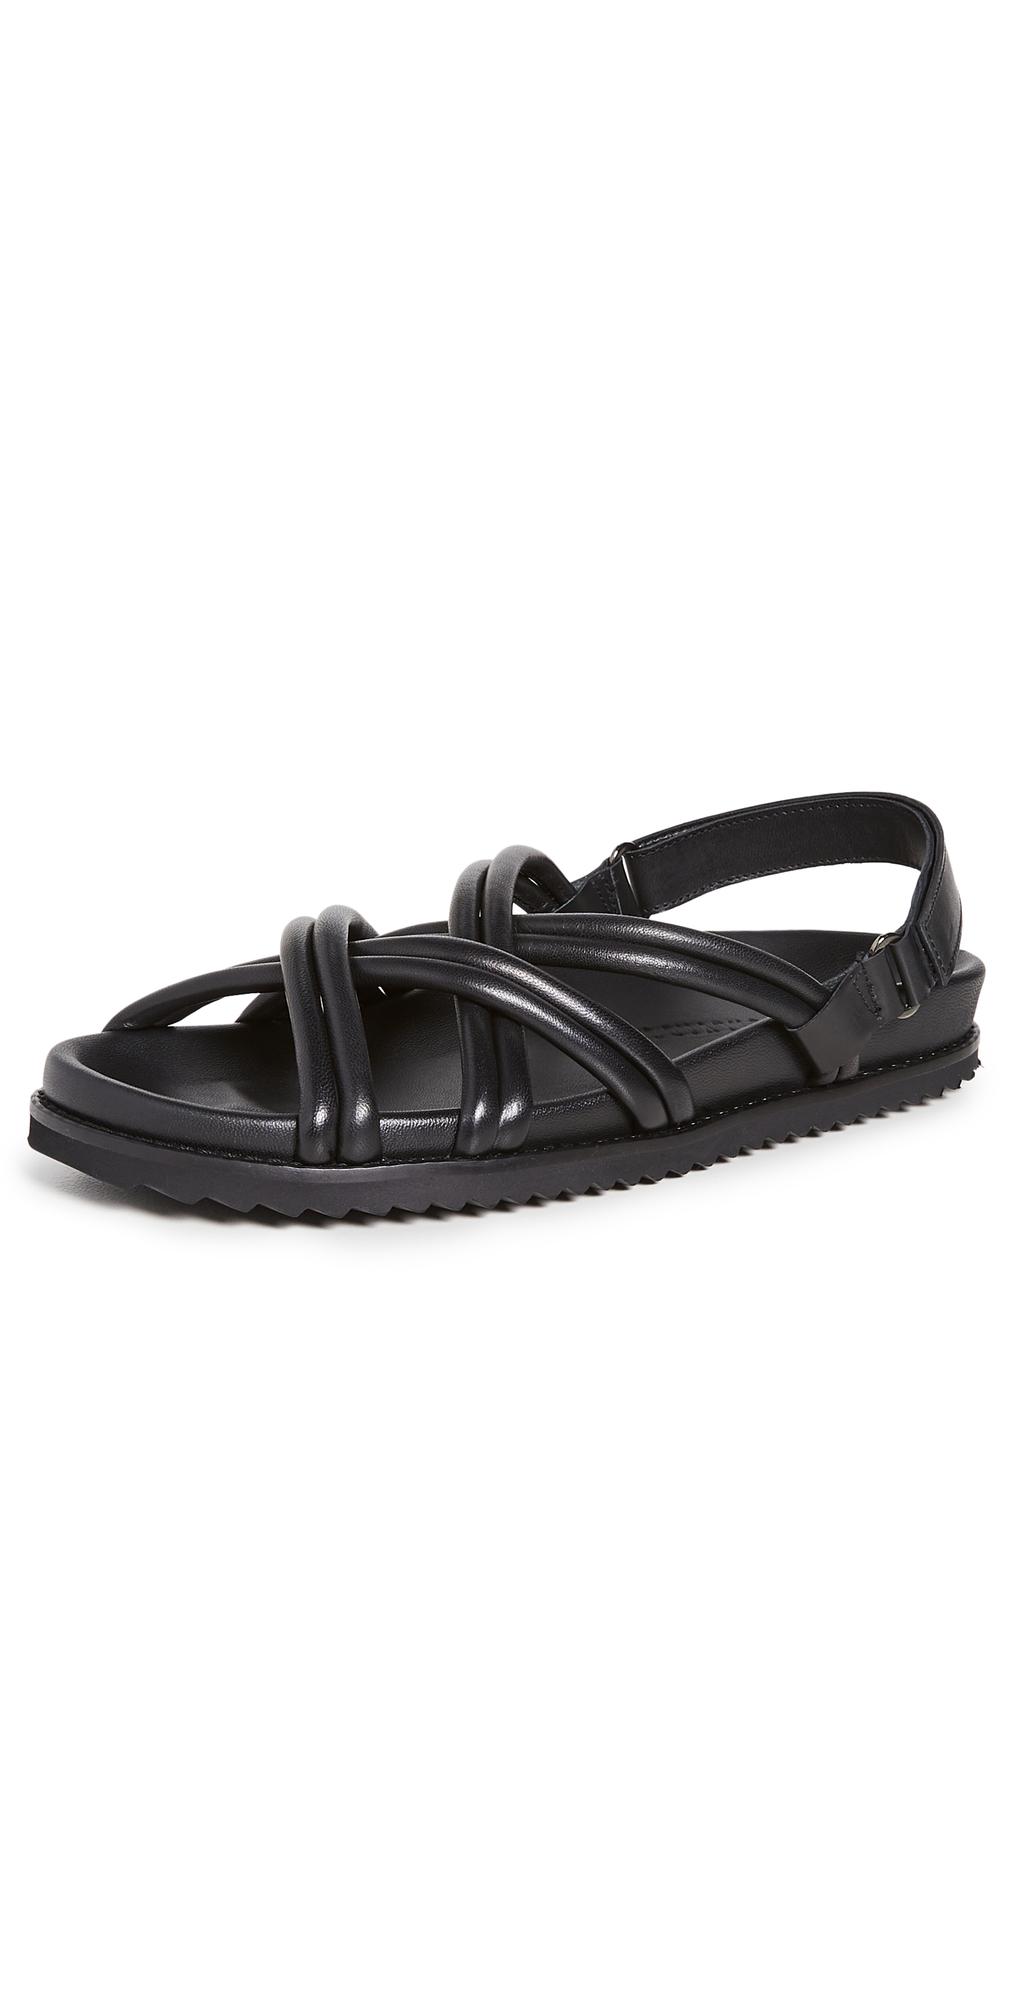 Mara Sandals